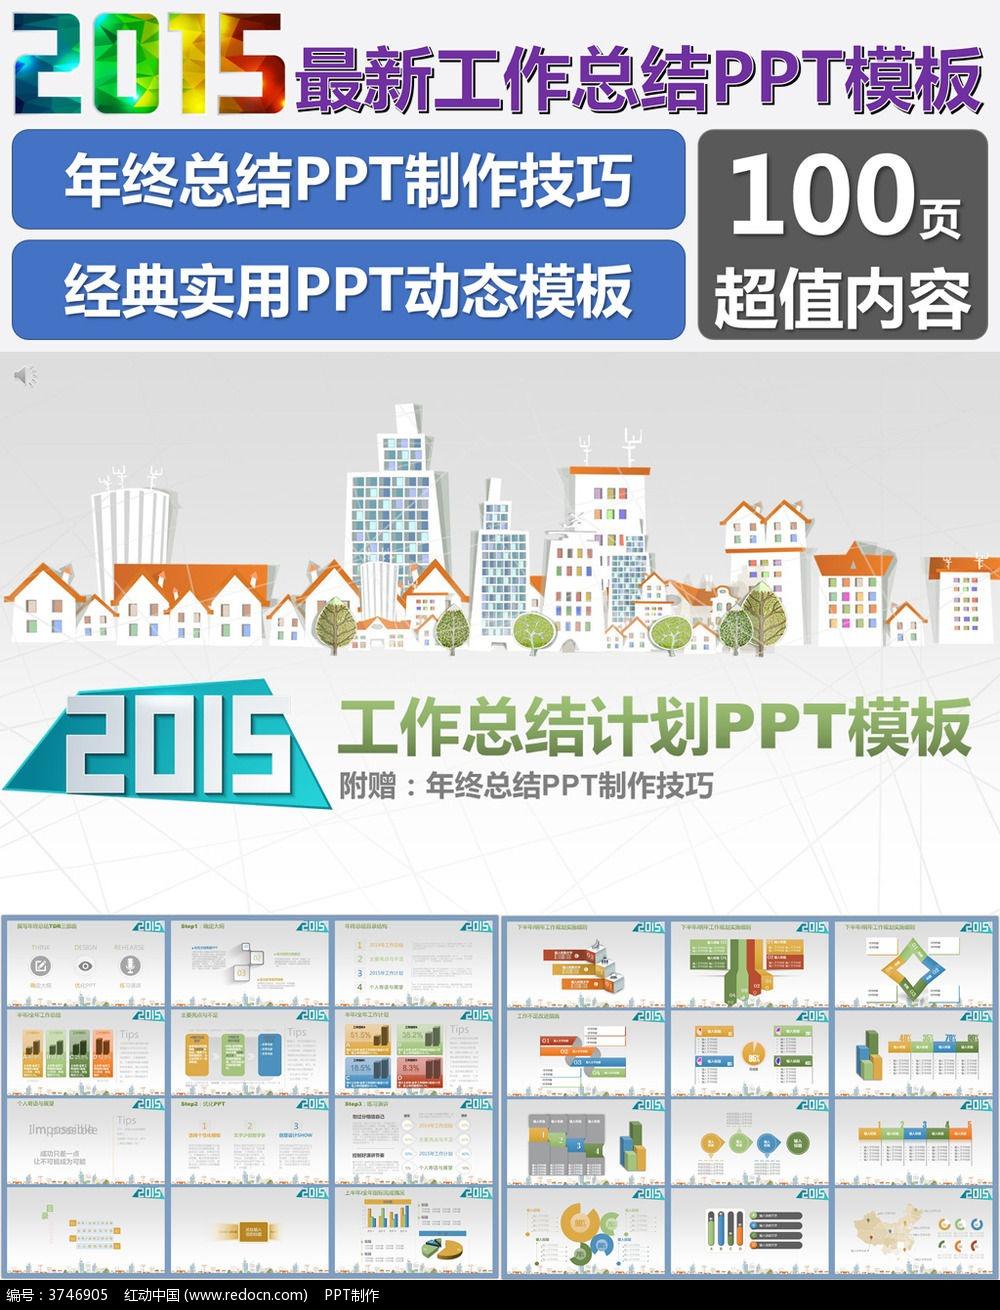 15年 羊年 年终总结 新年计划 PPT PPT模板 PPT图表 动态PPT 会议